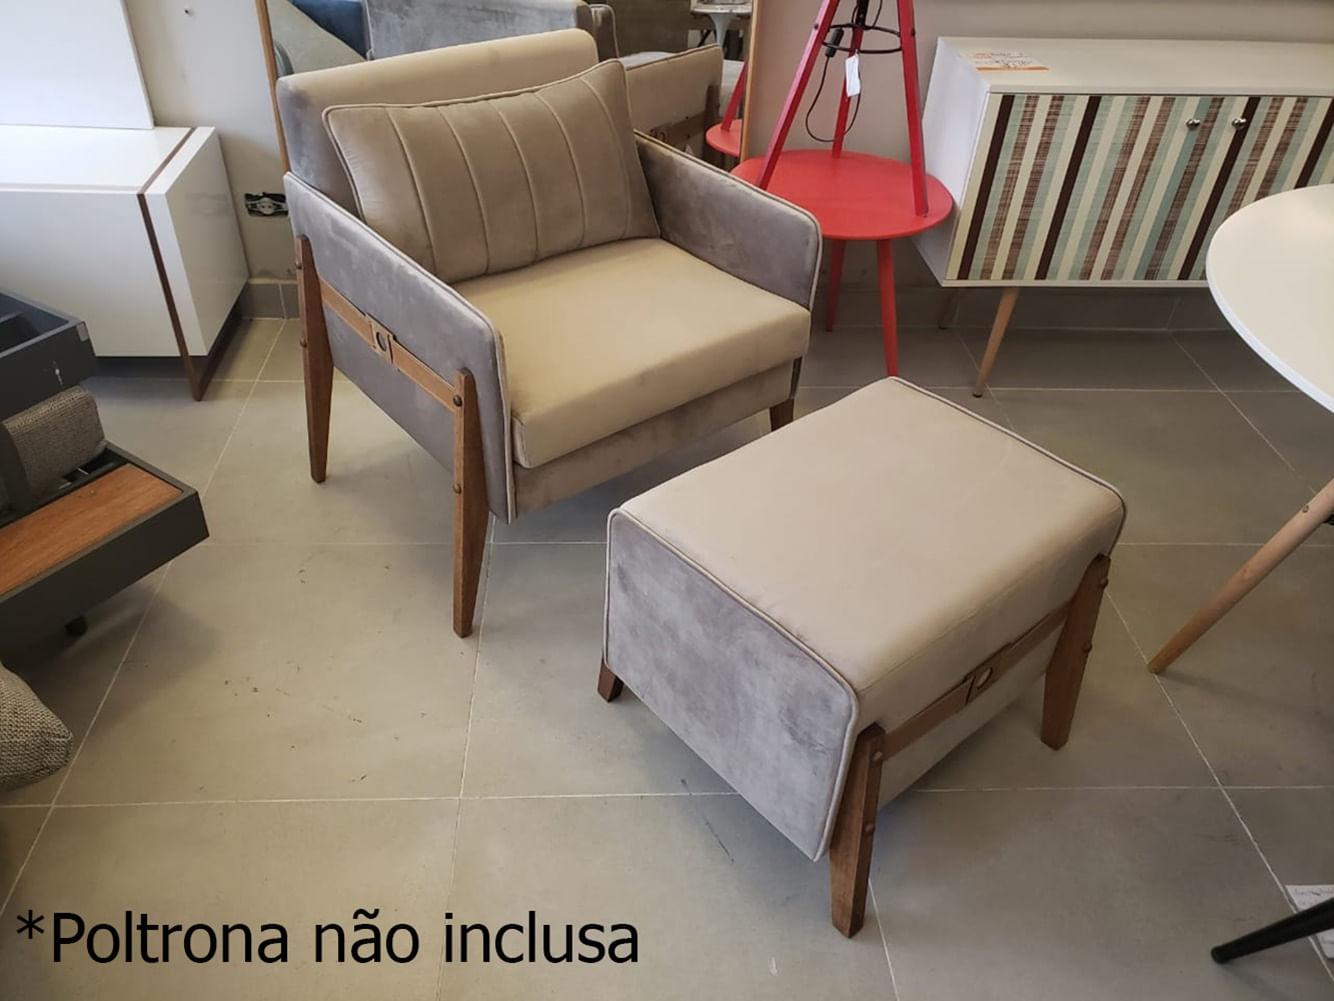 Pufe Cica em Veludo Cinza Base Madeira Pinhao - 55151